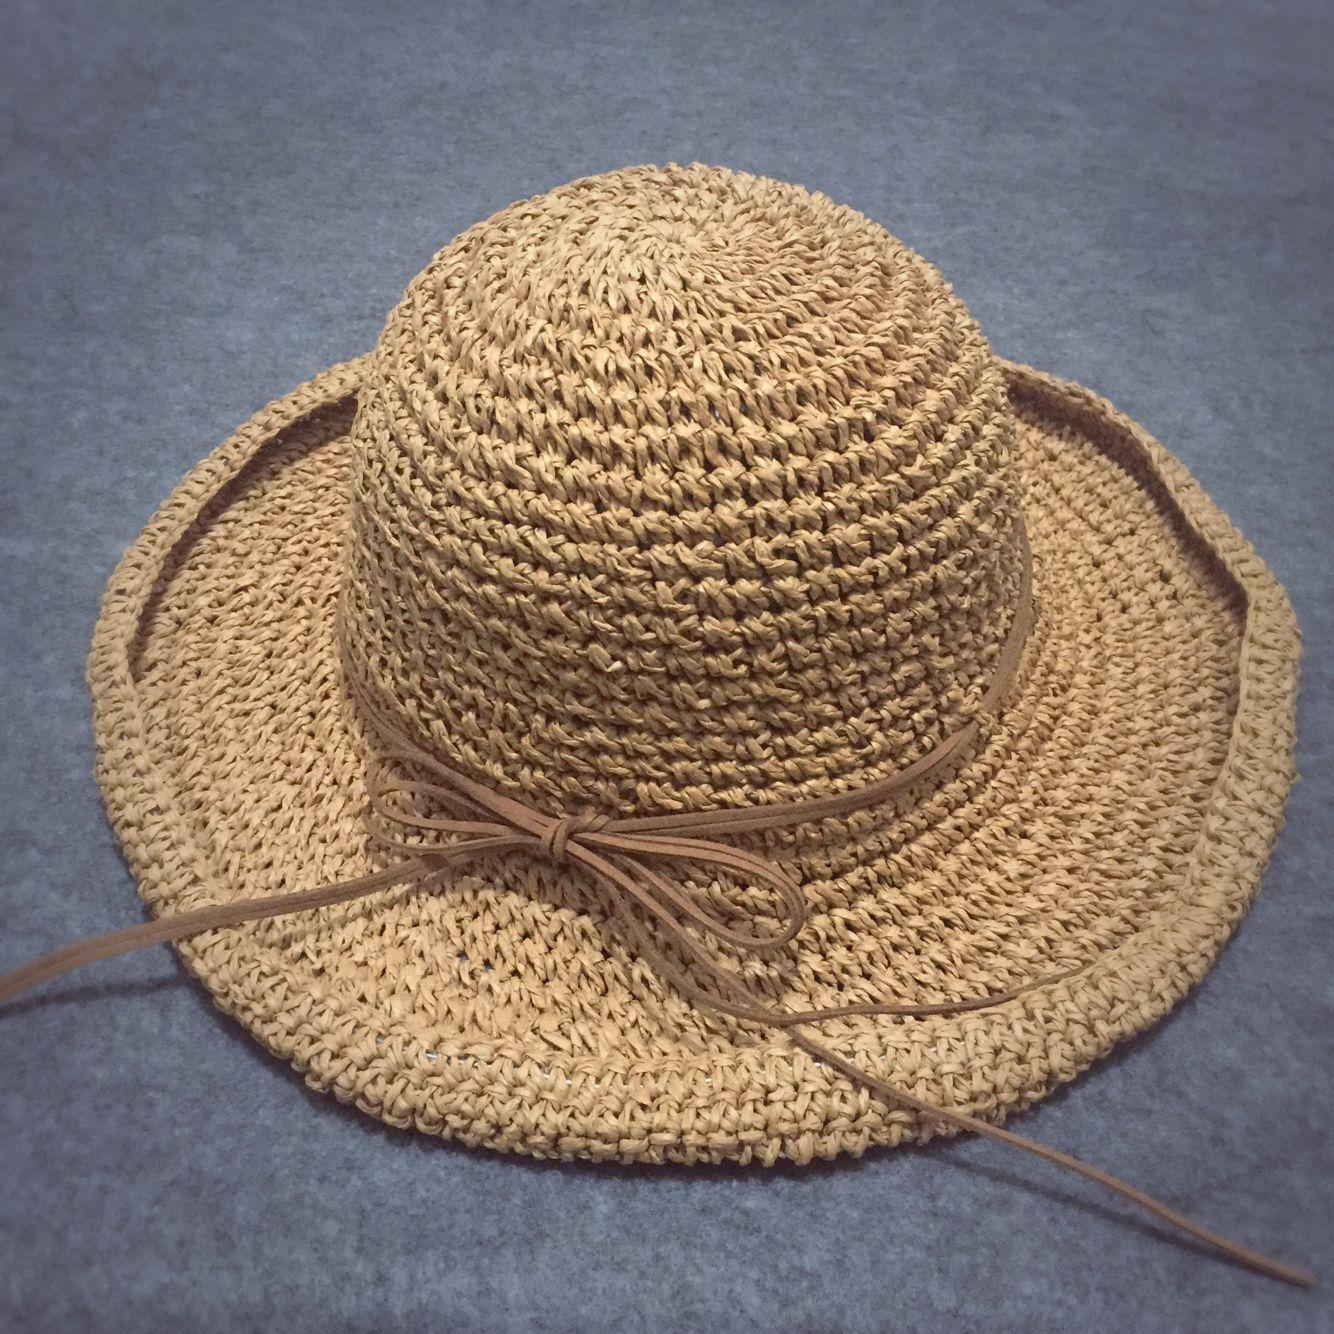 夏季手工钩针草帽韩版拉菲草手工编织沙滩帽出游防晒帽女太阳帽子